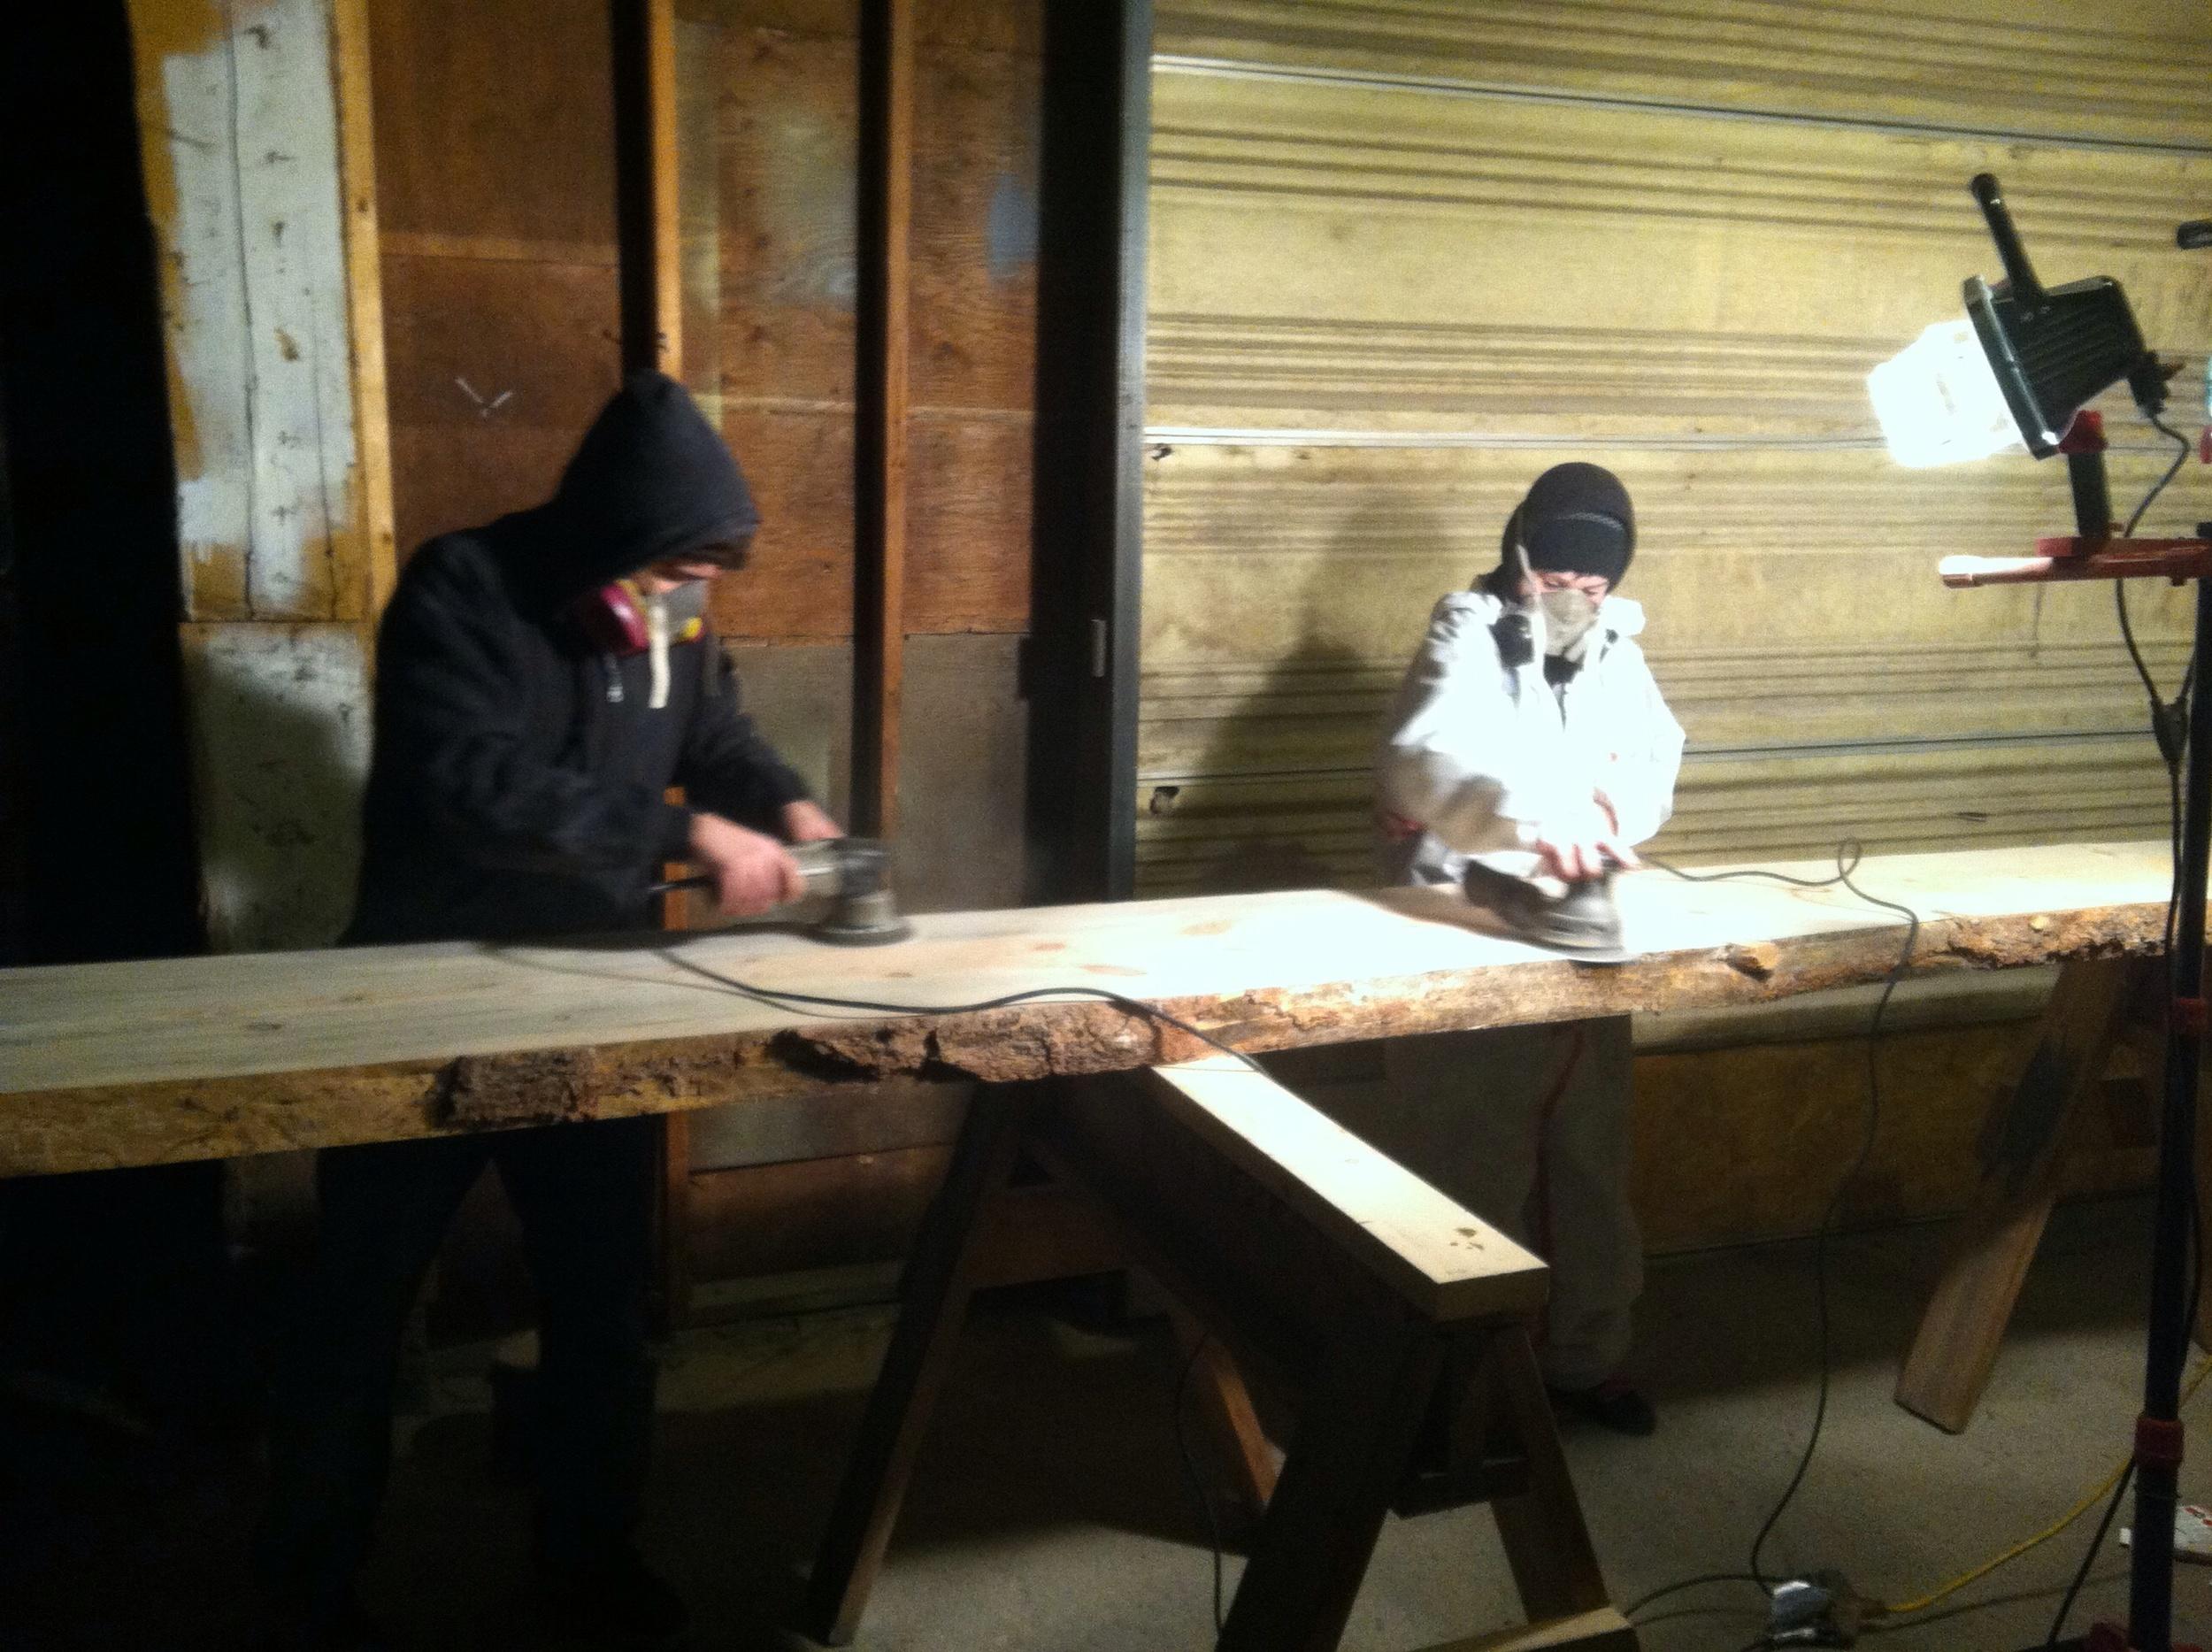 Issac Reiner and Aubrey Swanson sanding the bar down